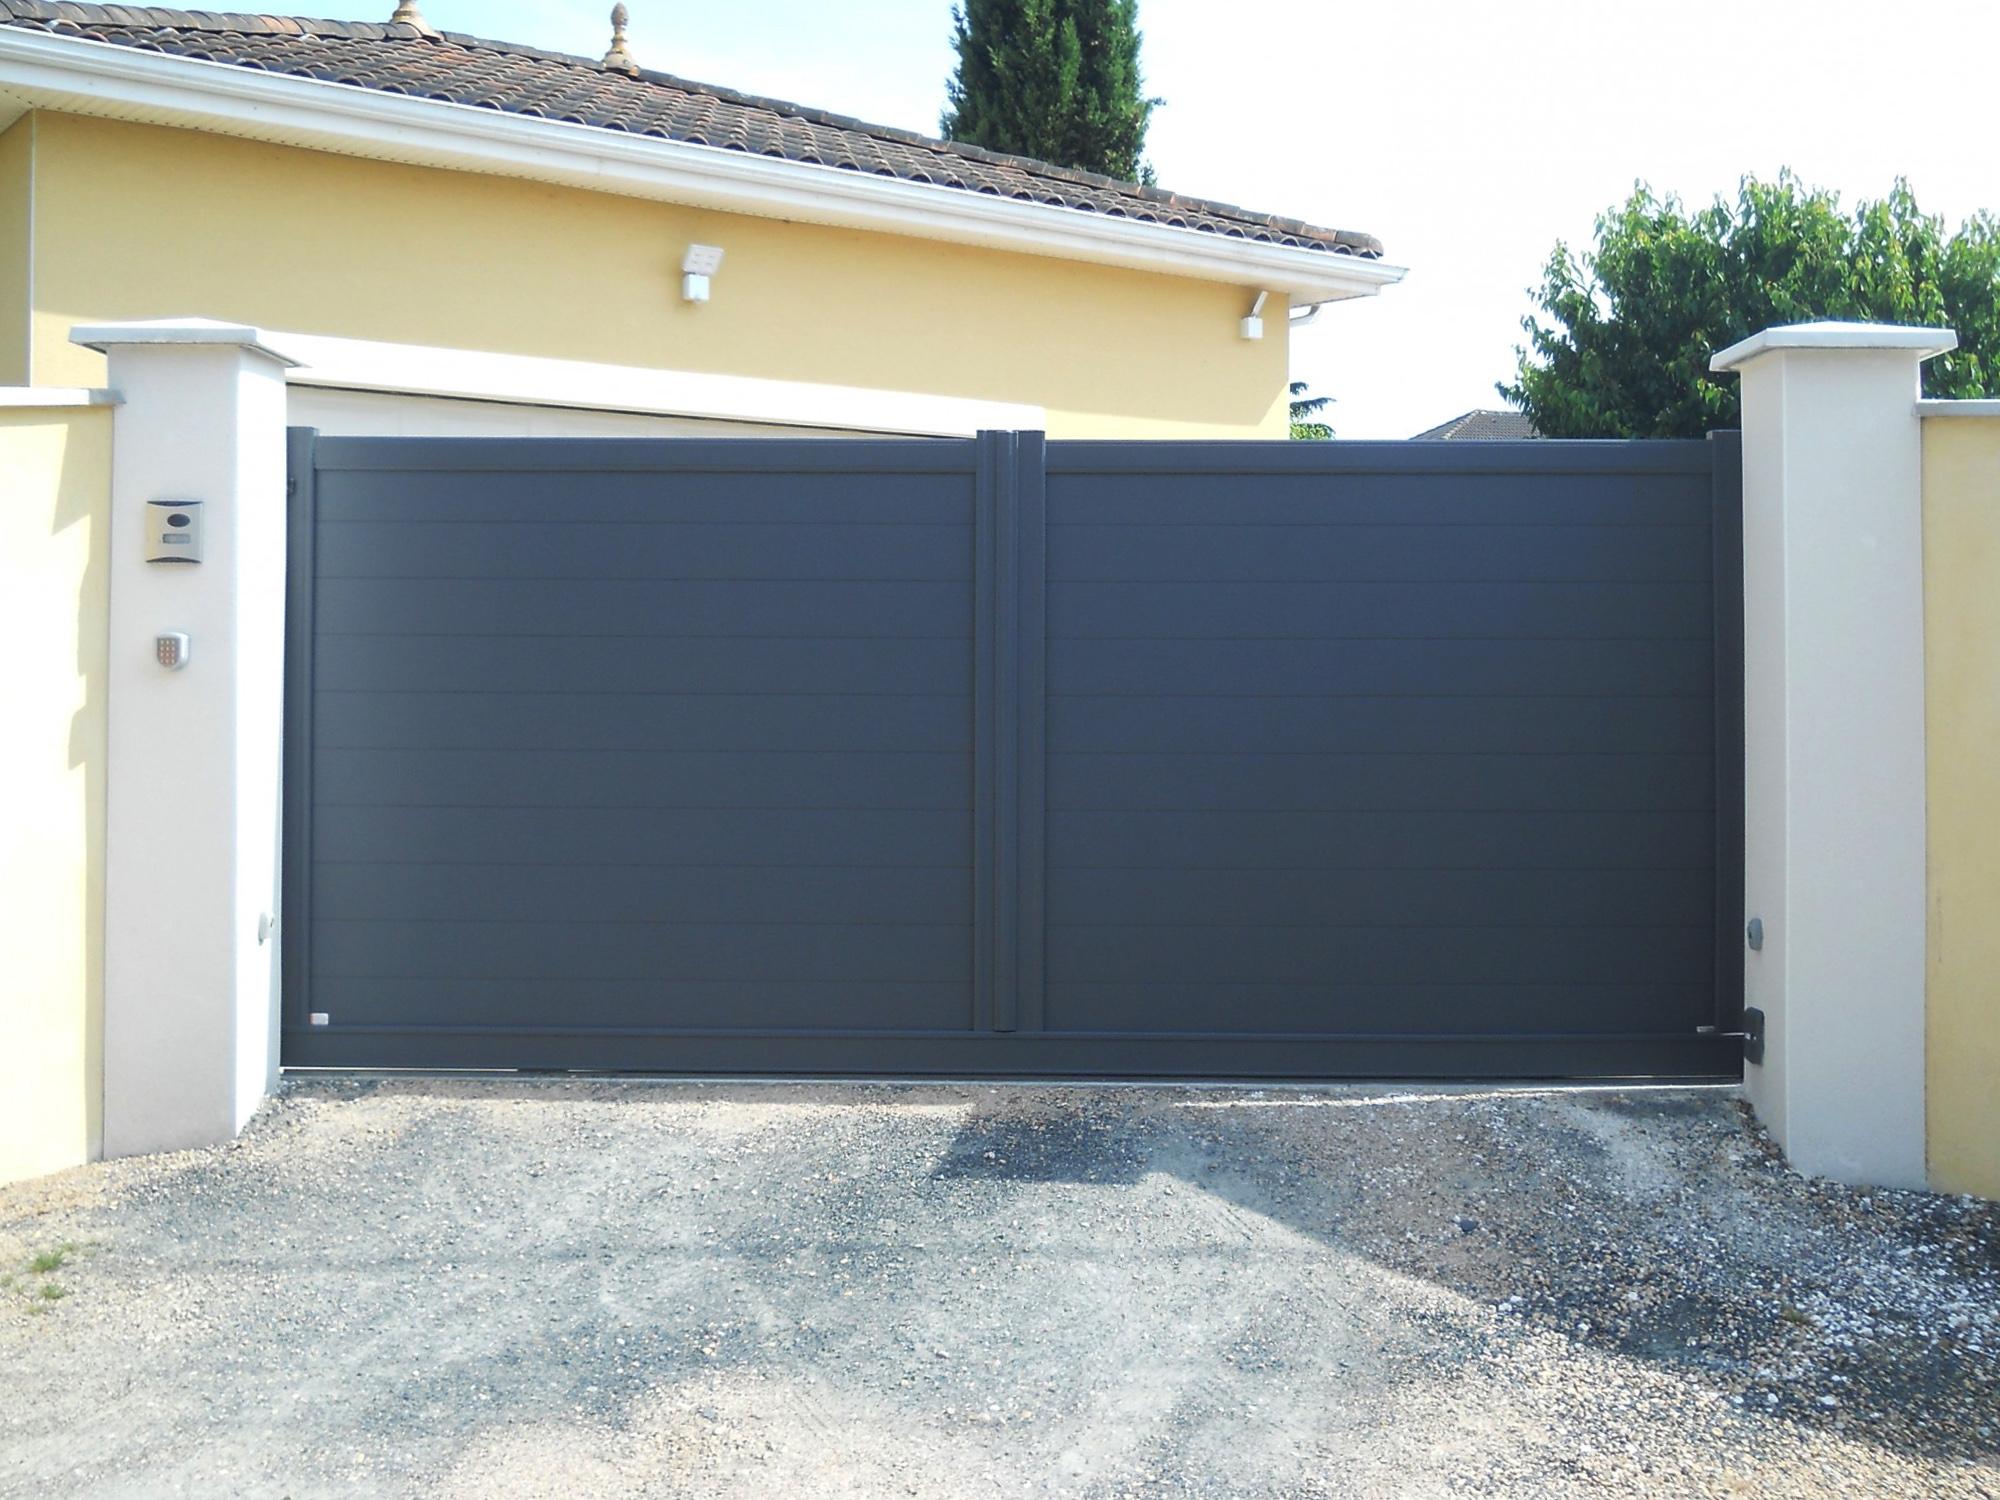 Faire Son Portail En Fer comment bien choisir le portail pour sa maison ?